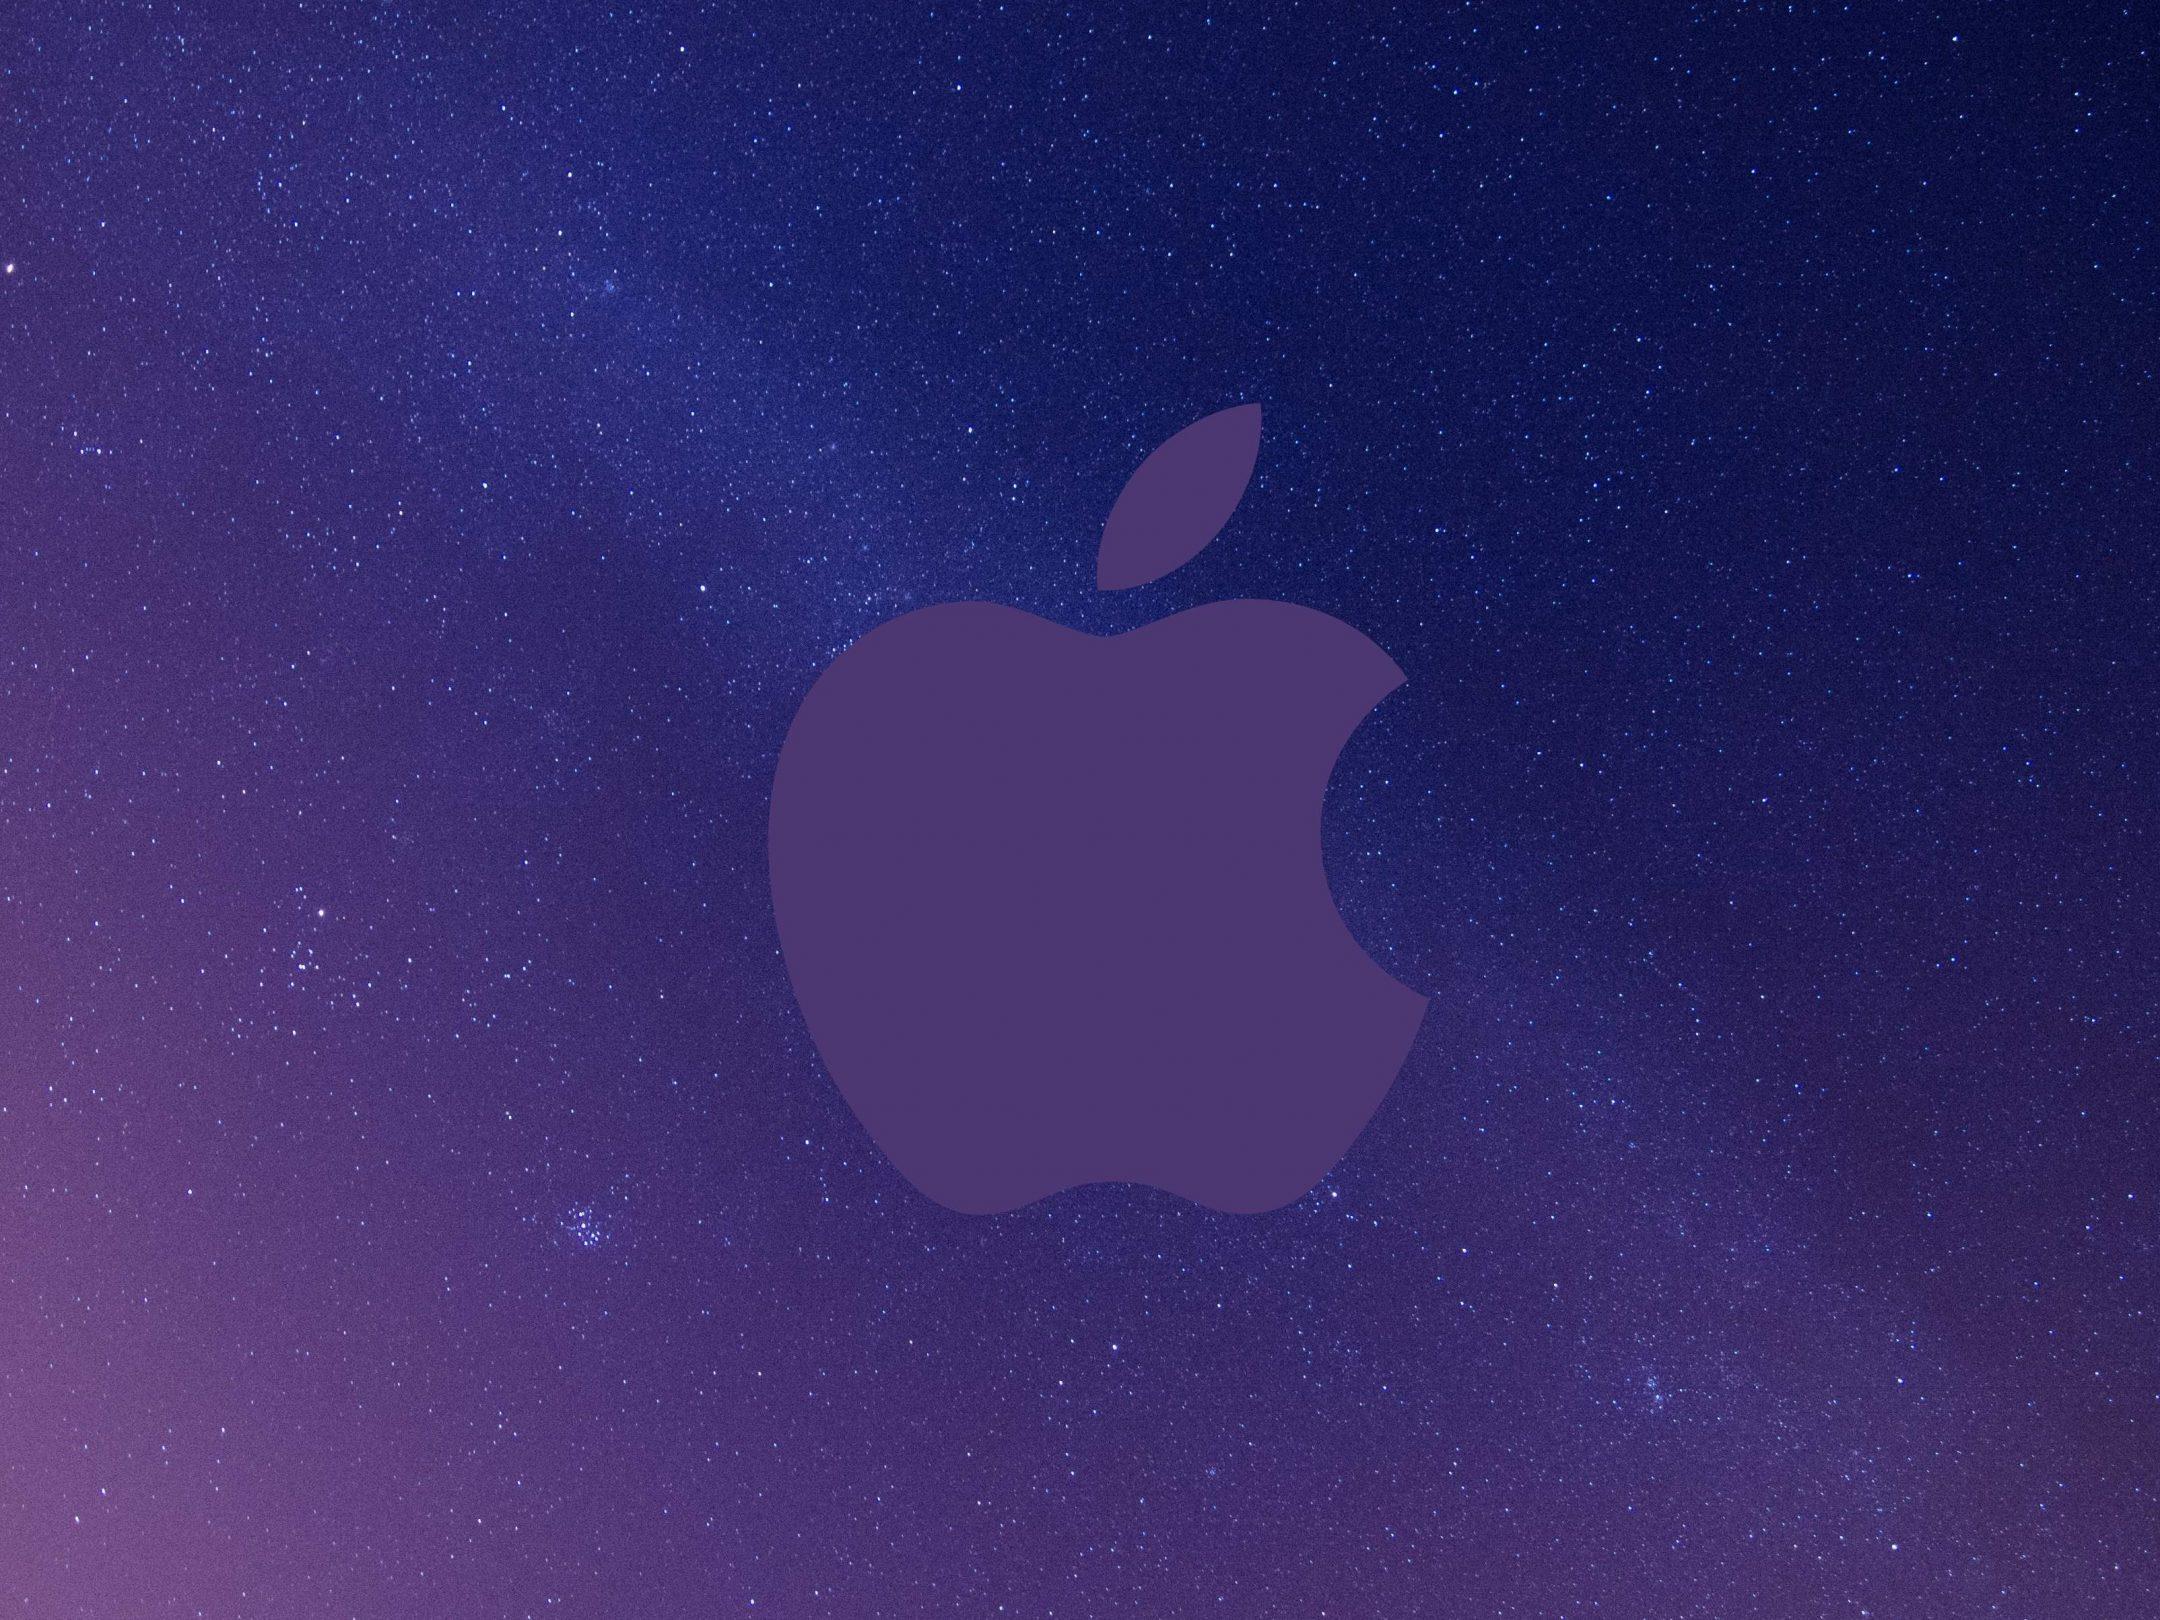 2160x1620 iPad wallpaper 4k Apple Logo Grey Sky Night Stars Space iPad Wallpaper 2160x1620 pixels resolution